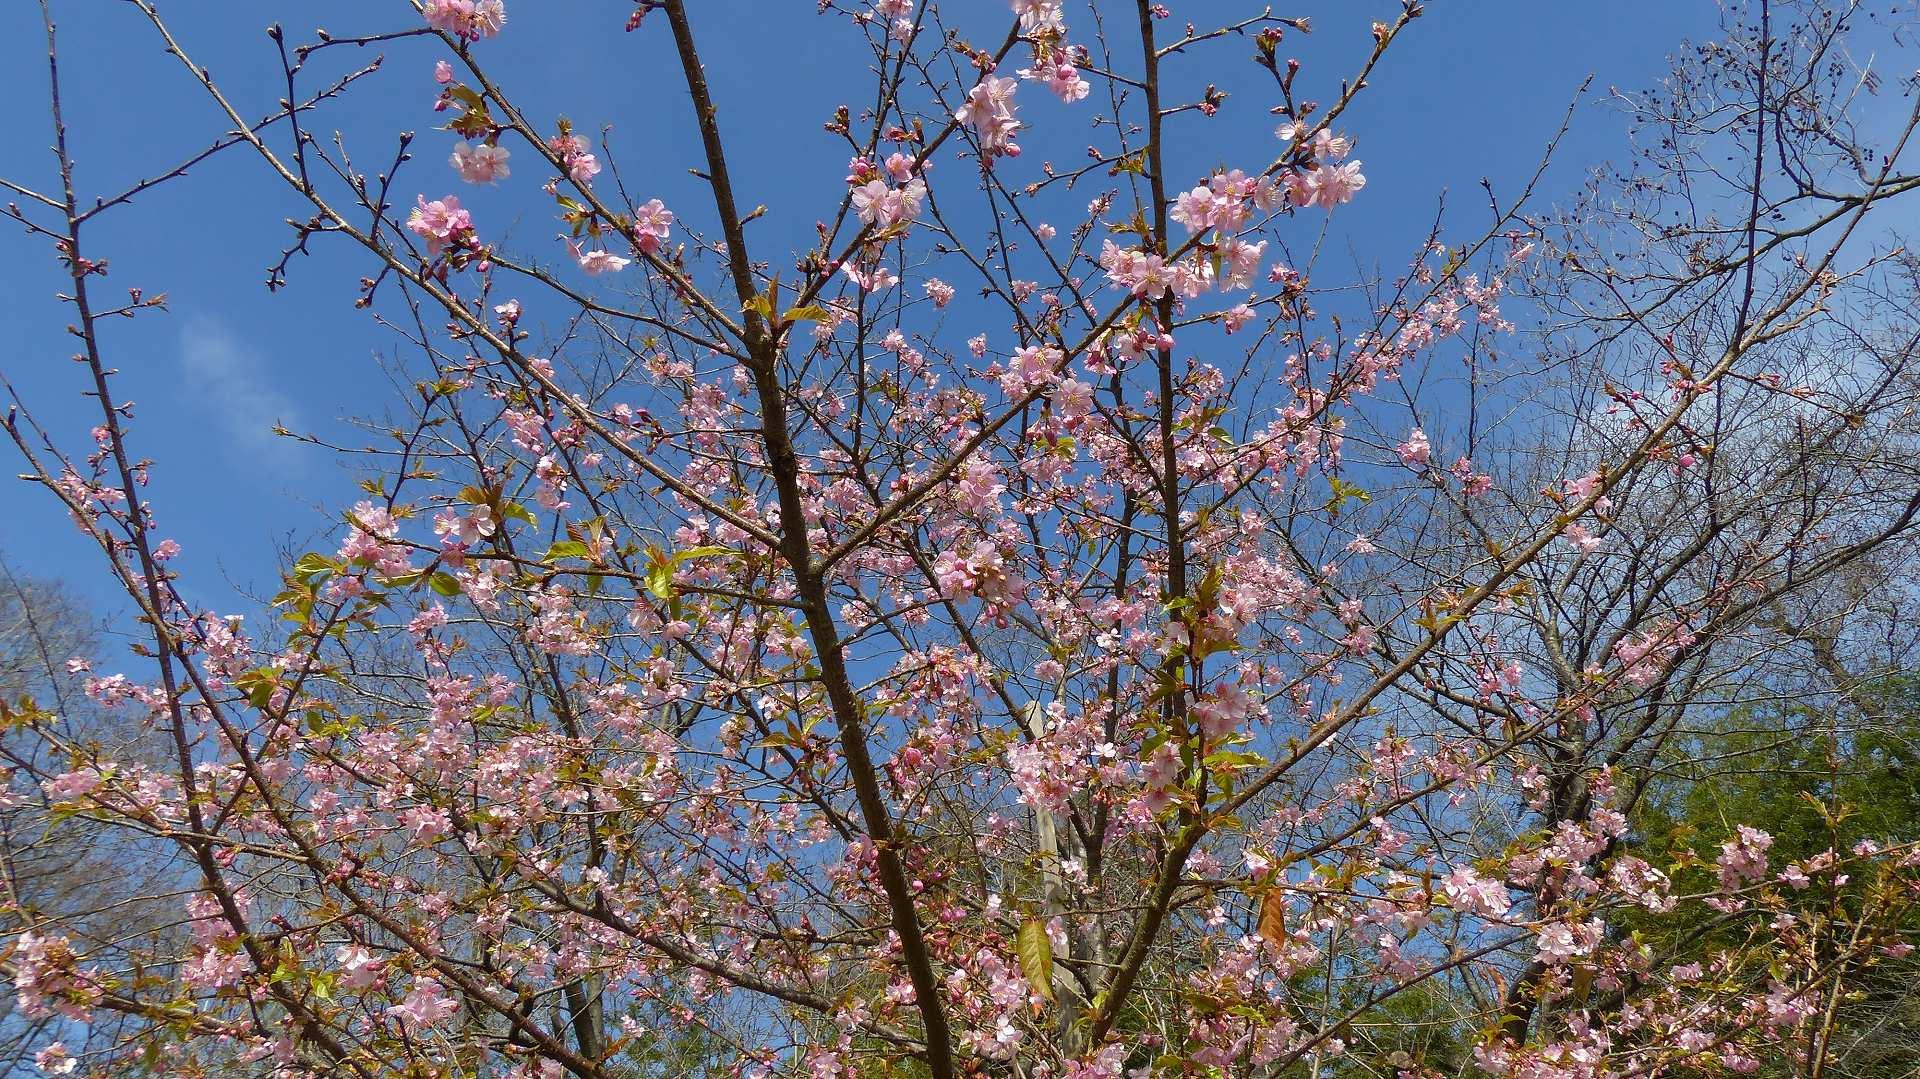 鳥のいないお花見_a0185081_2117361.jpg